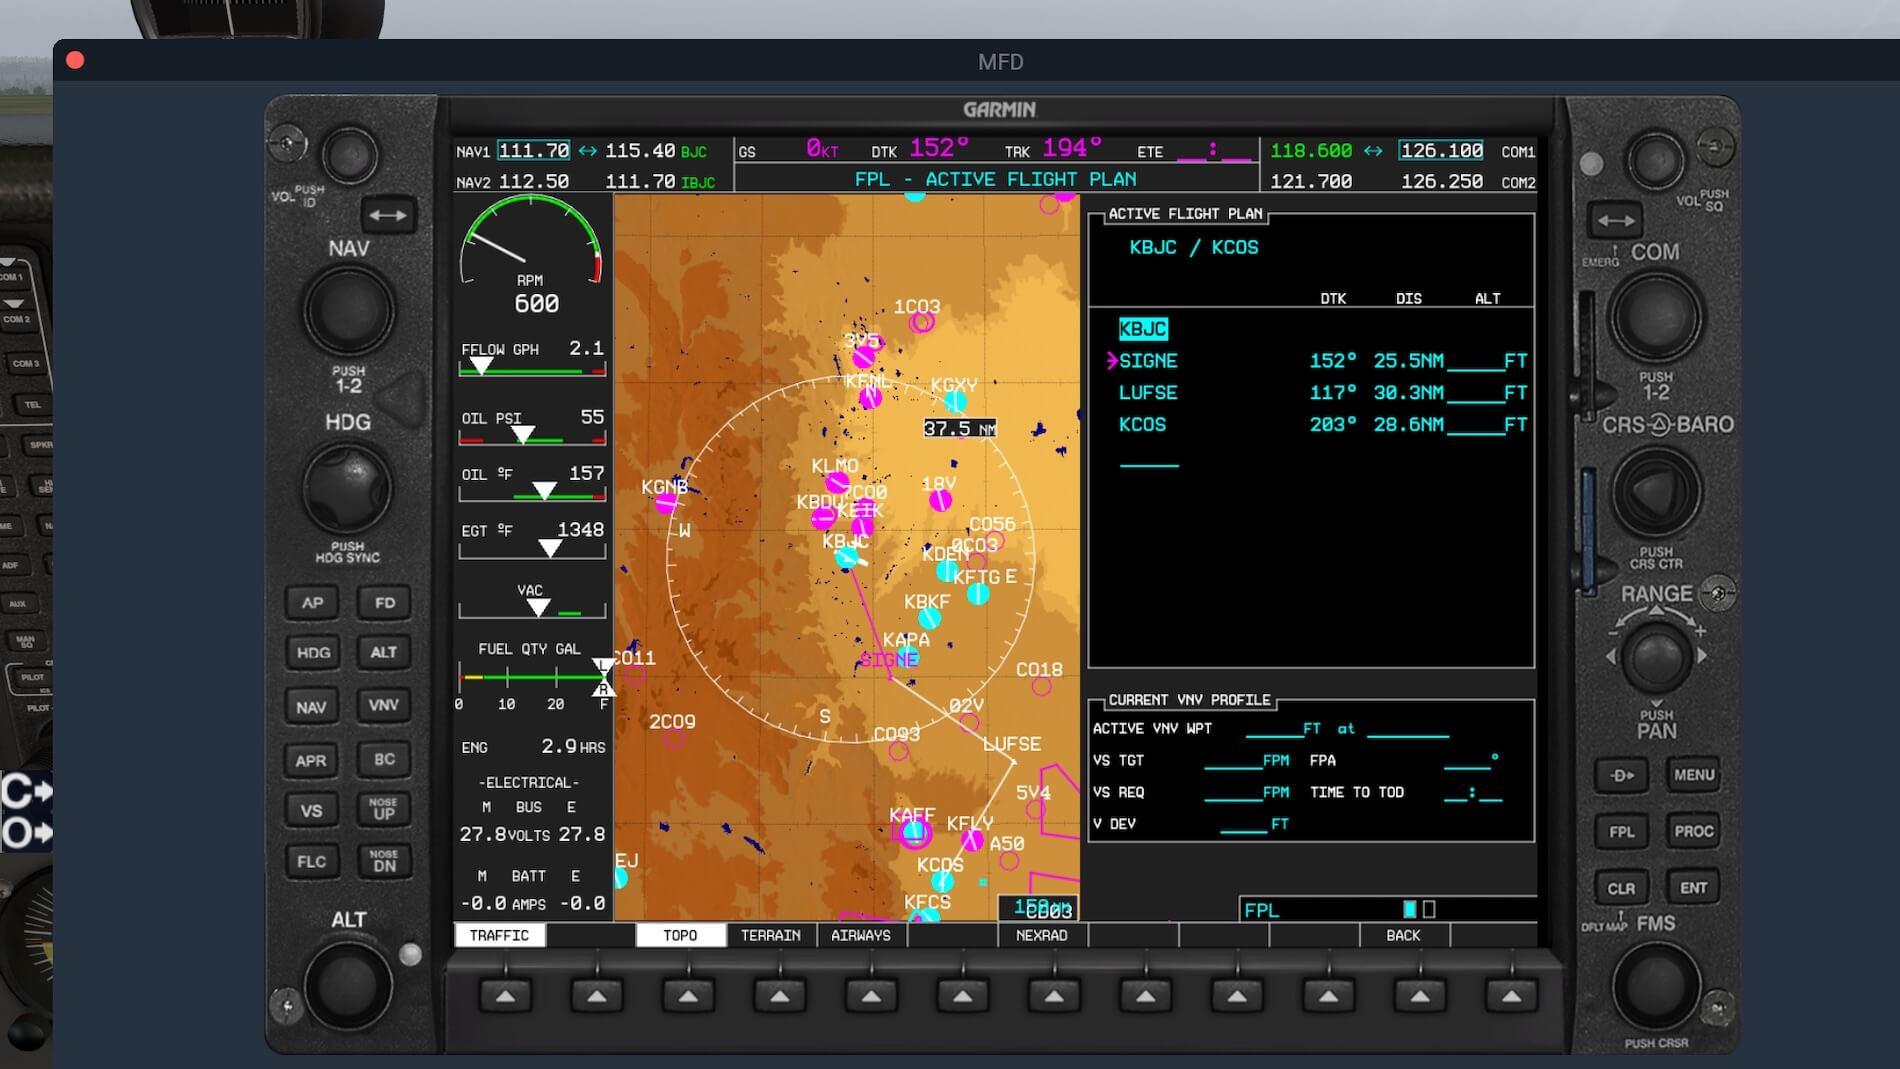 Aircraft Review | Carenado C172 S G1000 | X-Plained, the